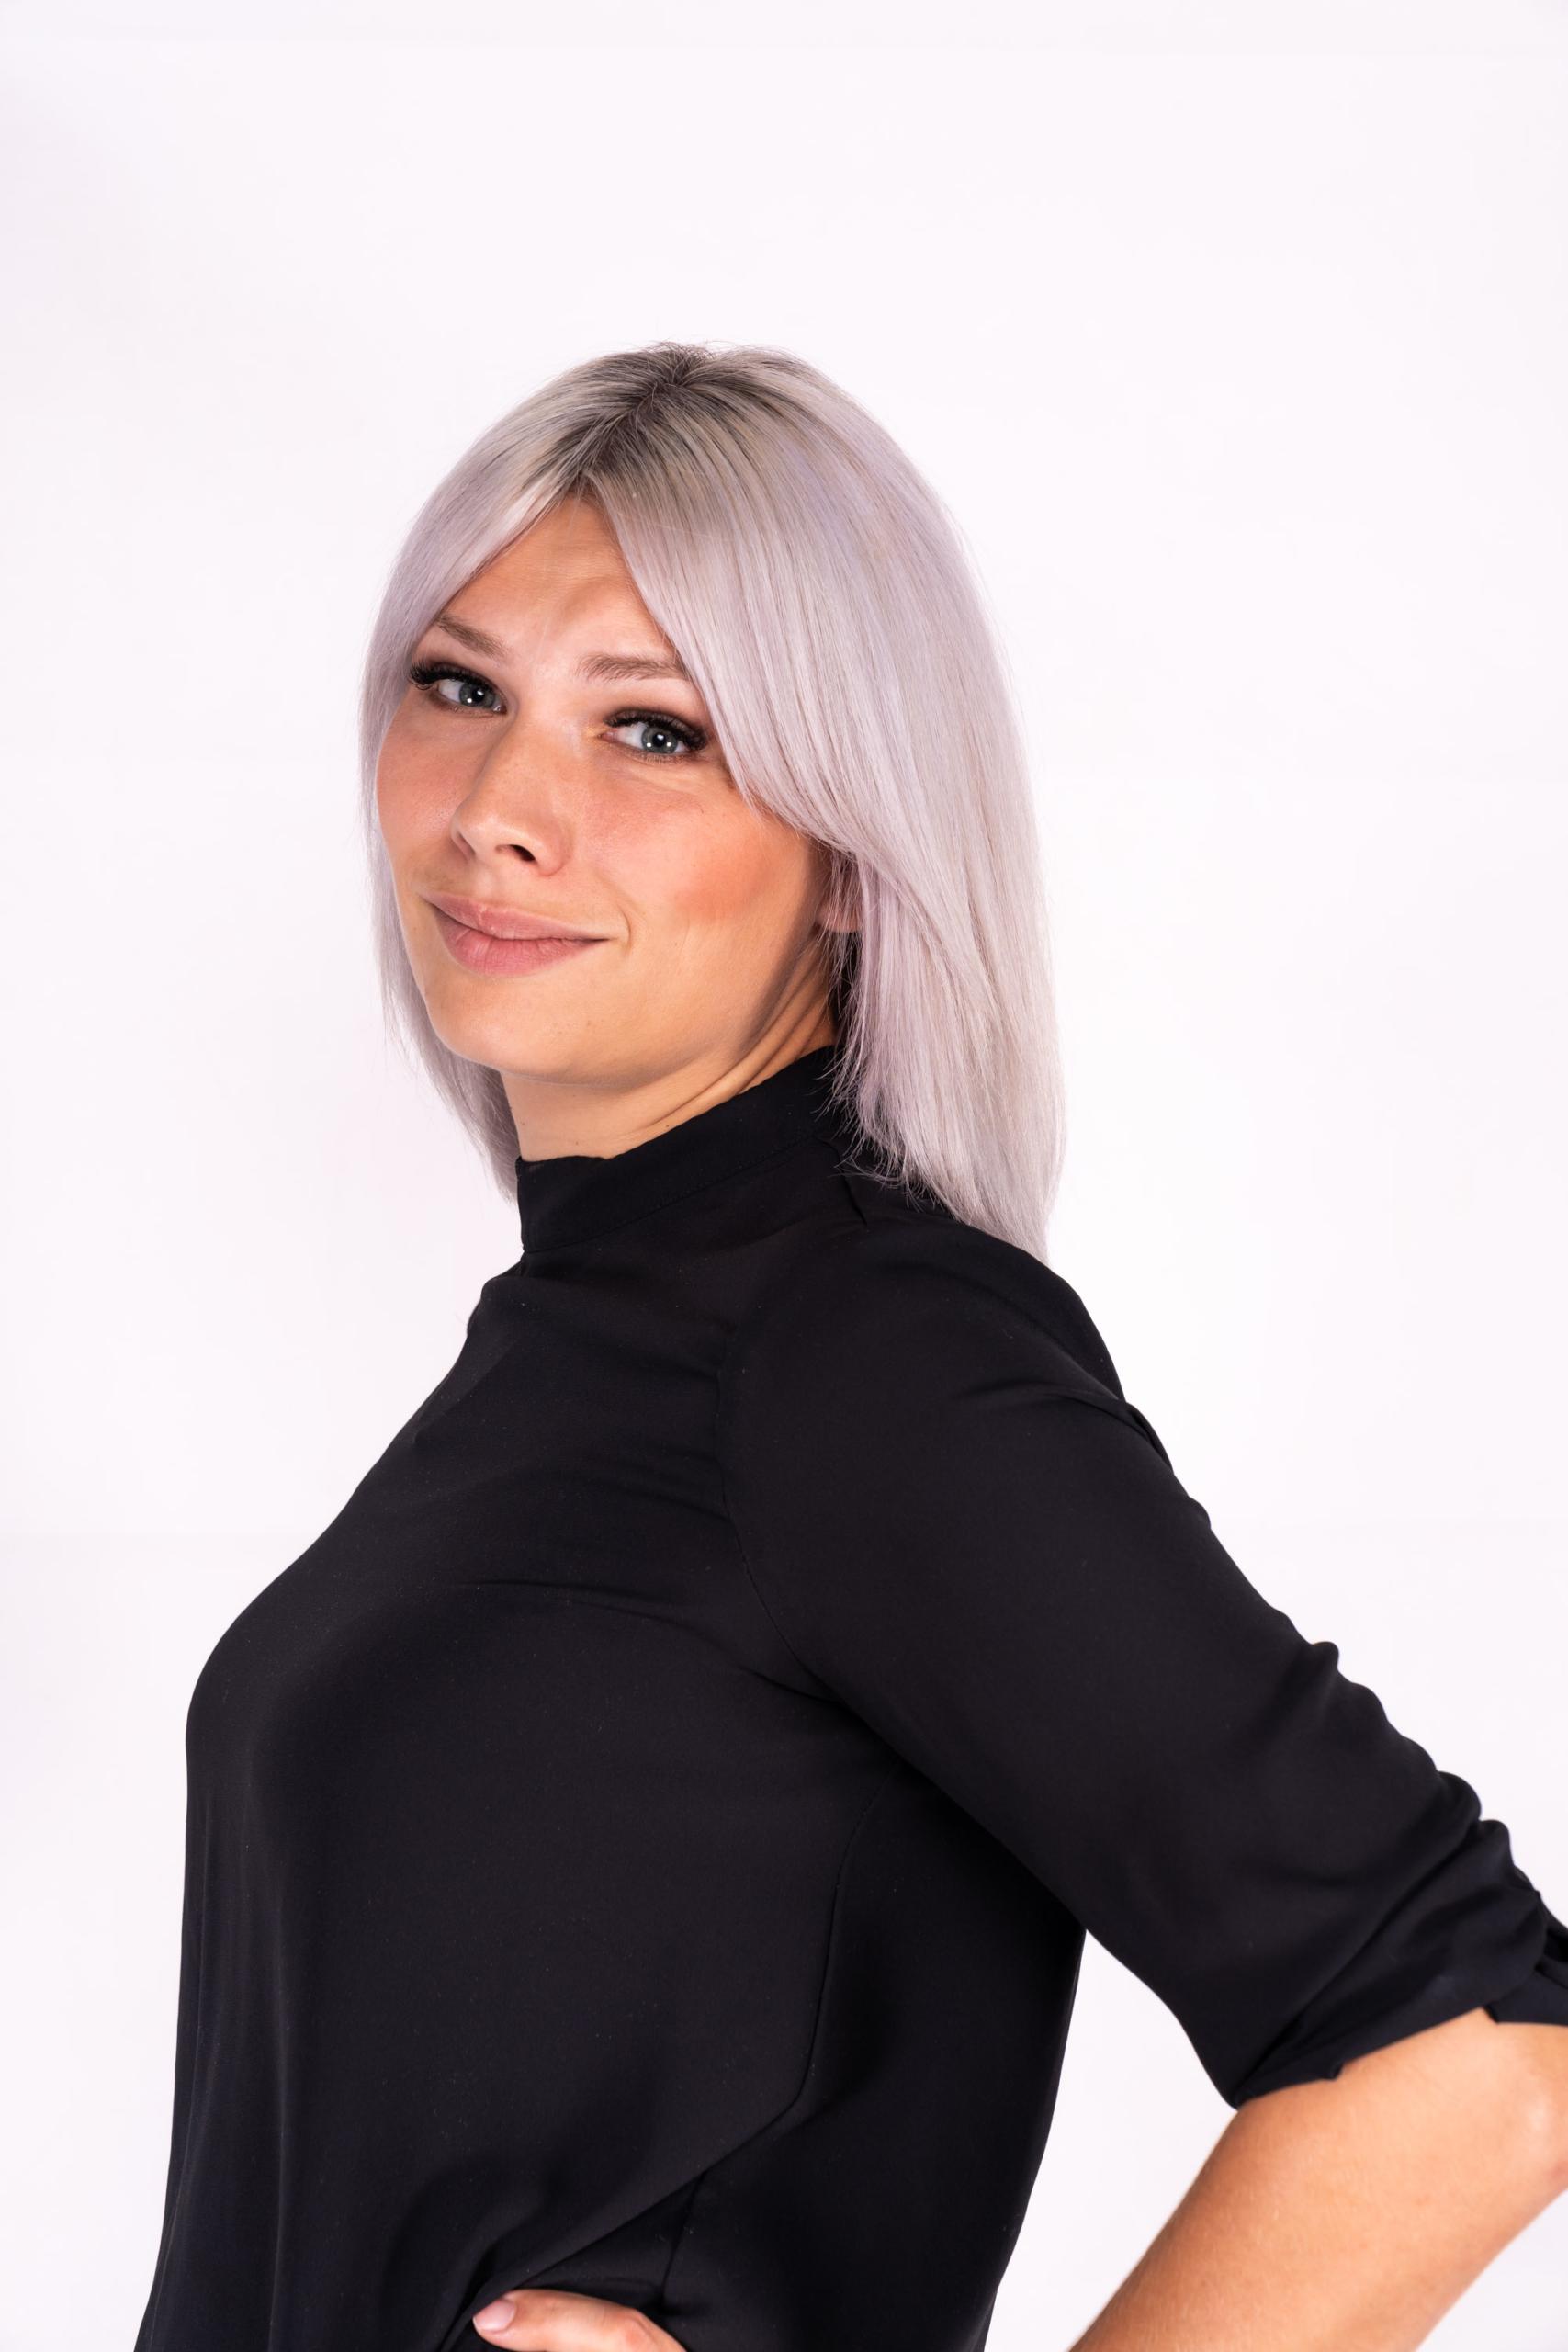 Ana-Marija Schmidt